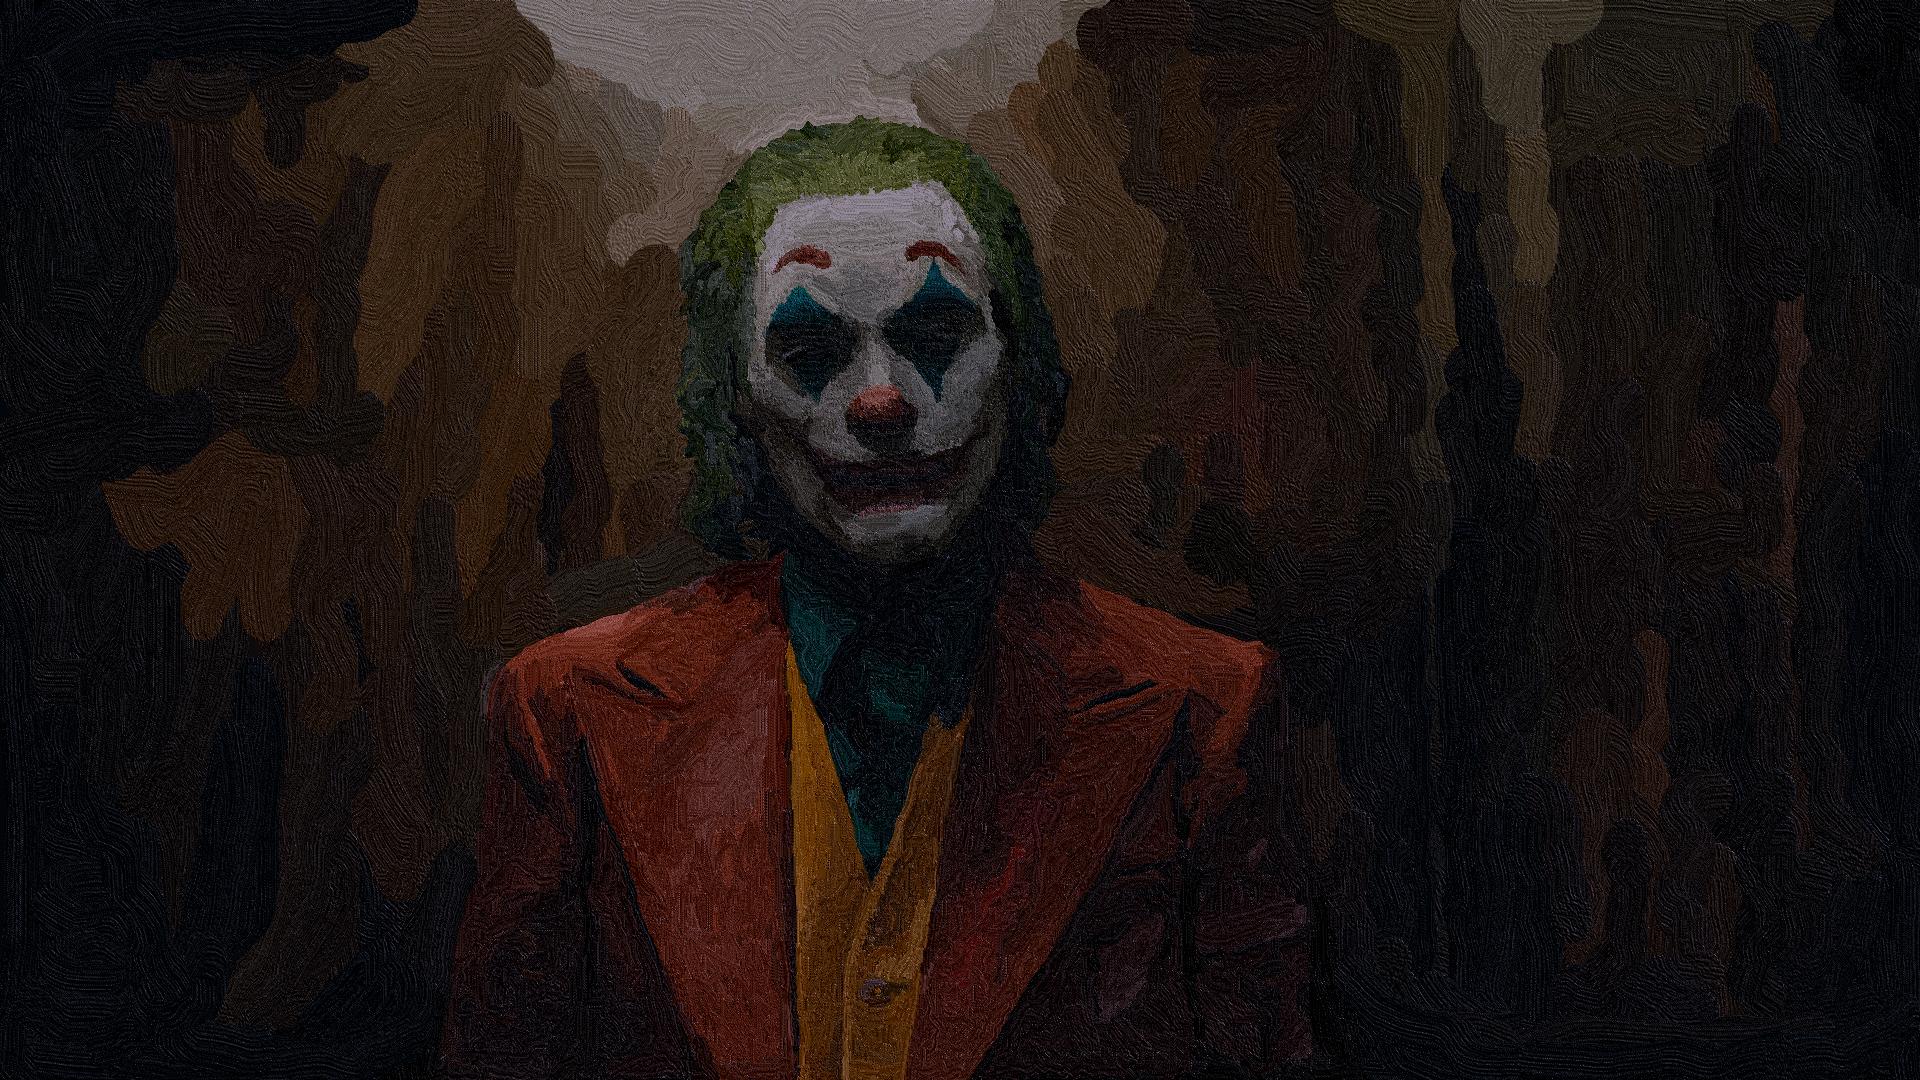 Wallpaper Joker 2019 Movie Paint Brushes 1920x1080